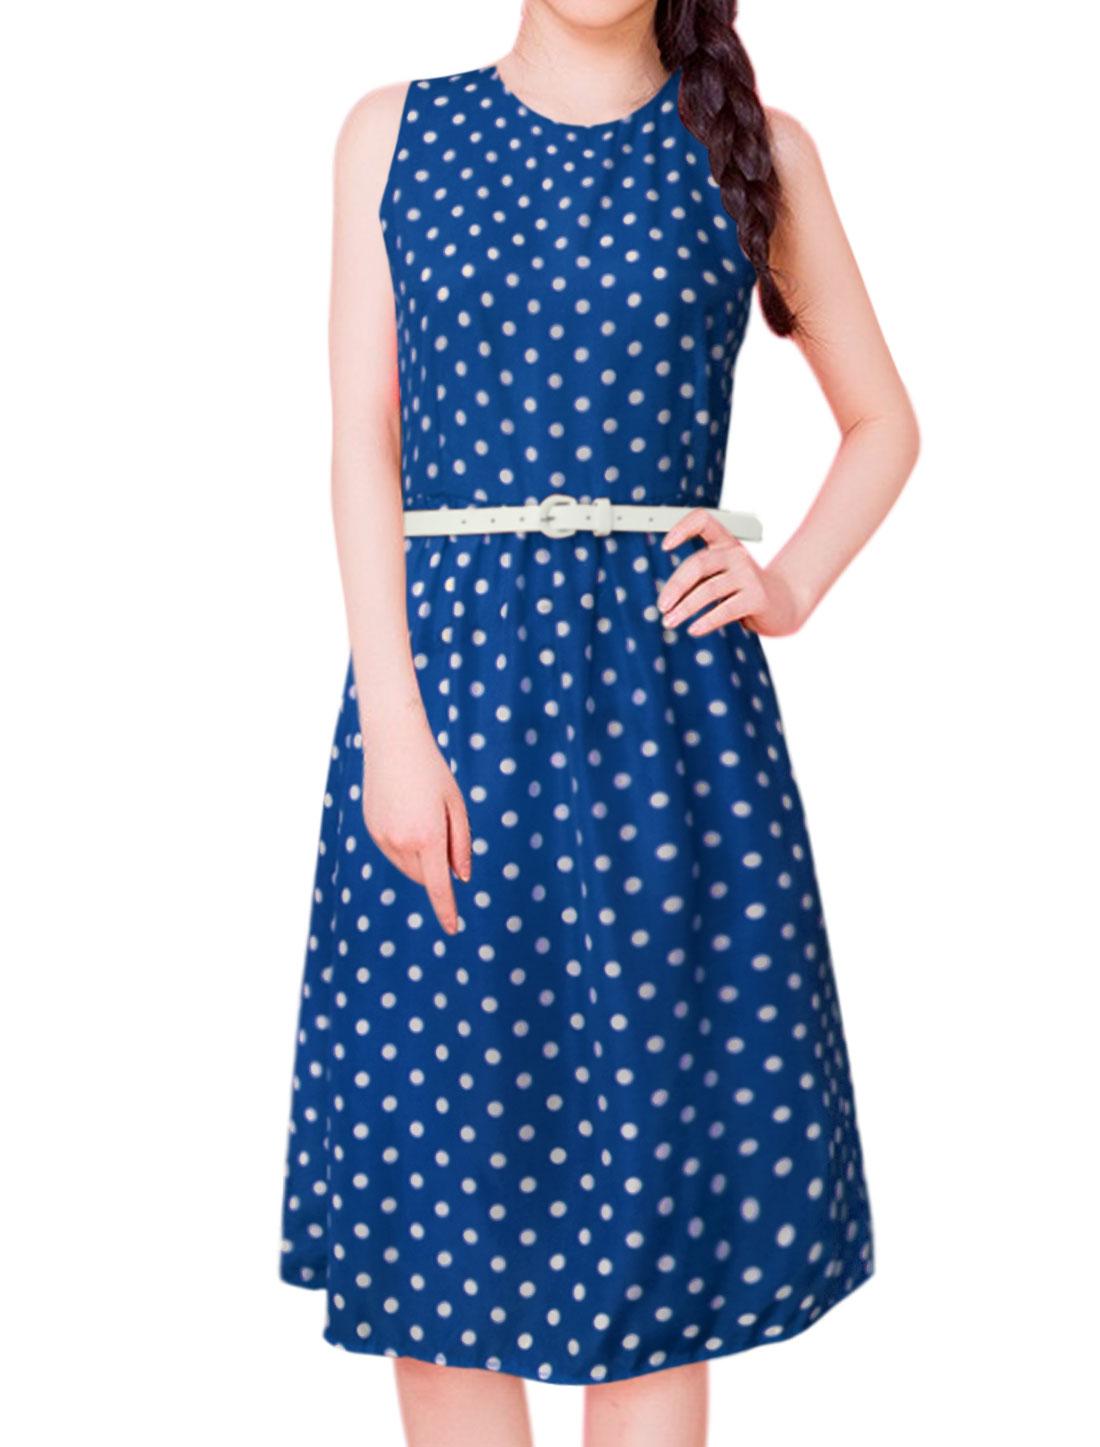 Women Polka Dots Print Sleeveless Belted A Line Dress Blue M